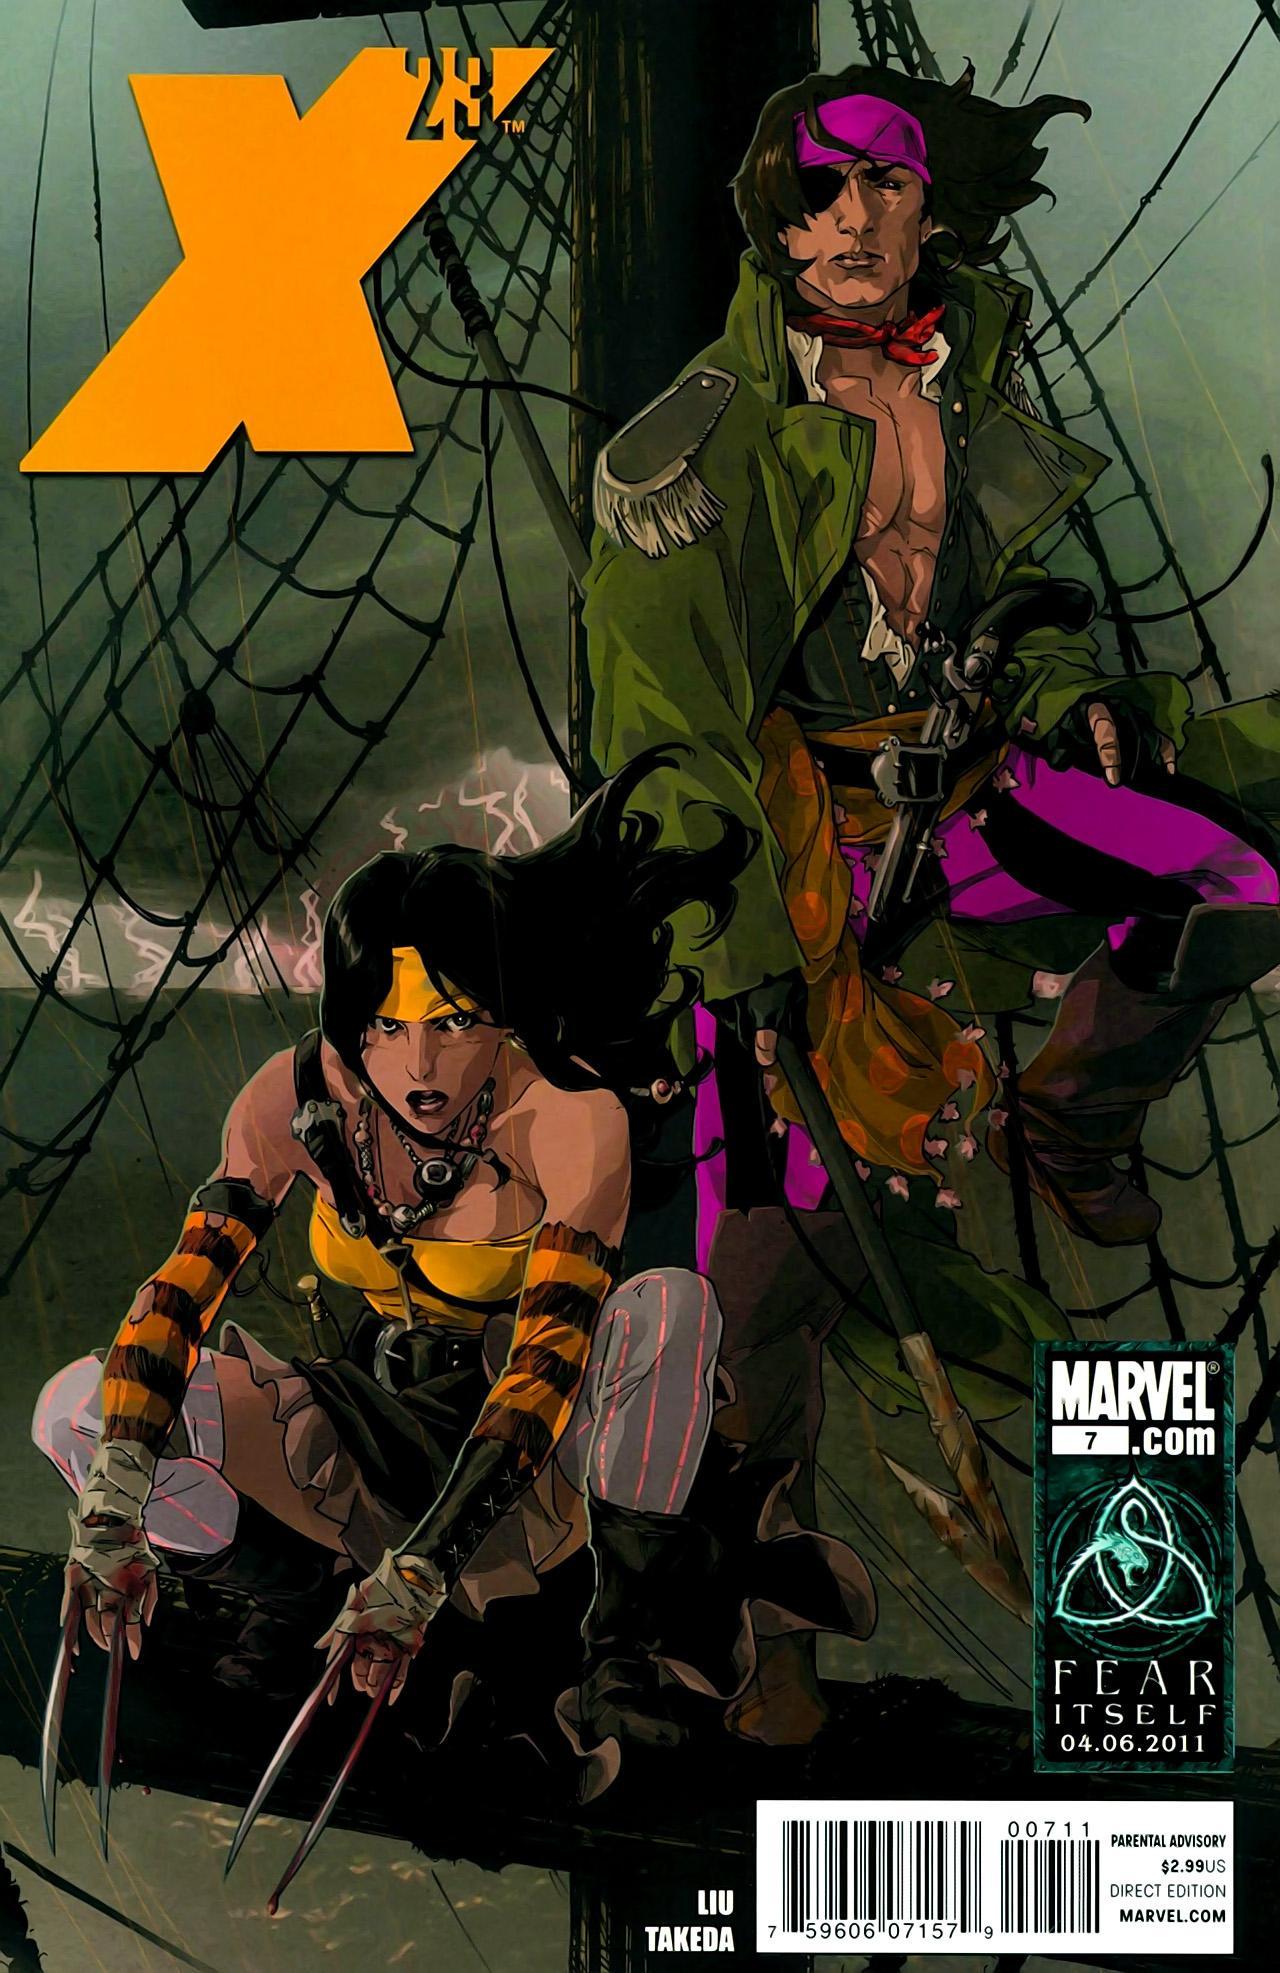 X-23 Vol 3 7 | Marvel Database | FANDOM powered by Wikia X 23 Marvel